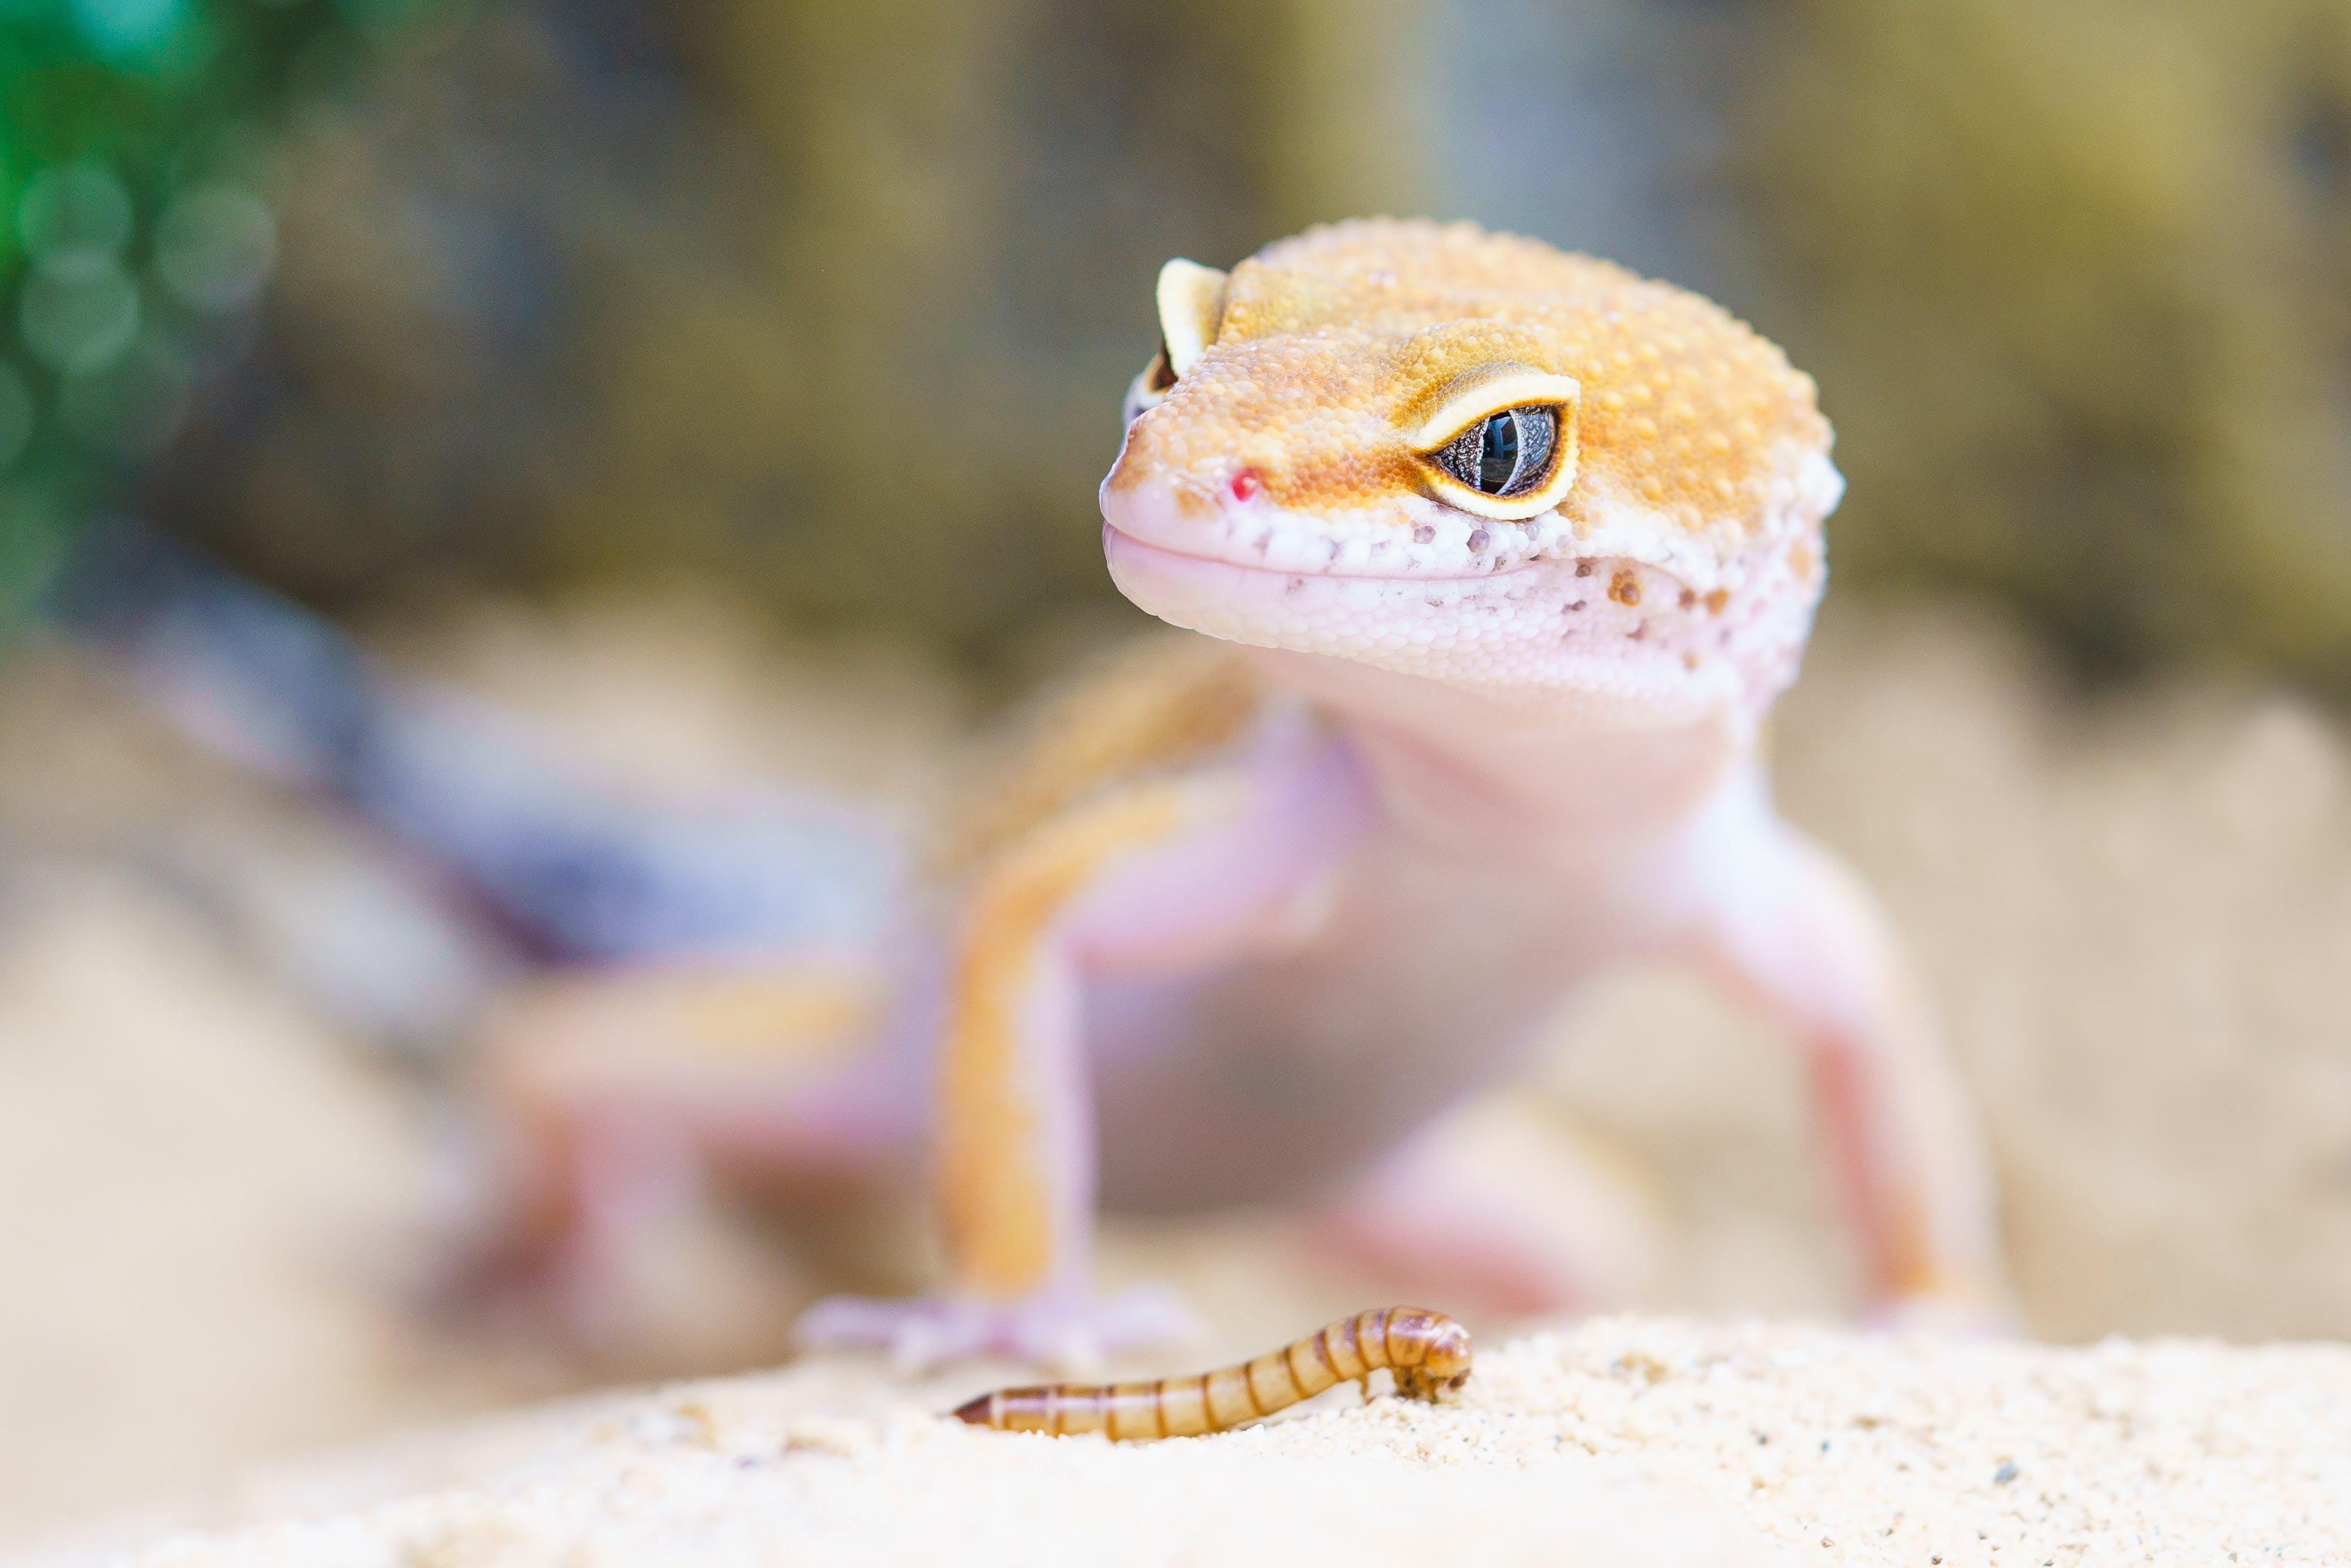 animal, biology, blur